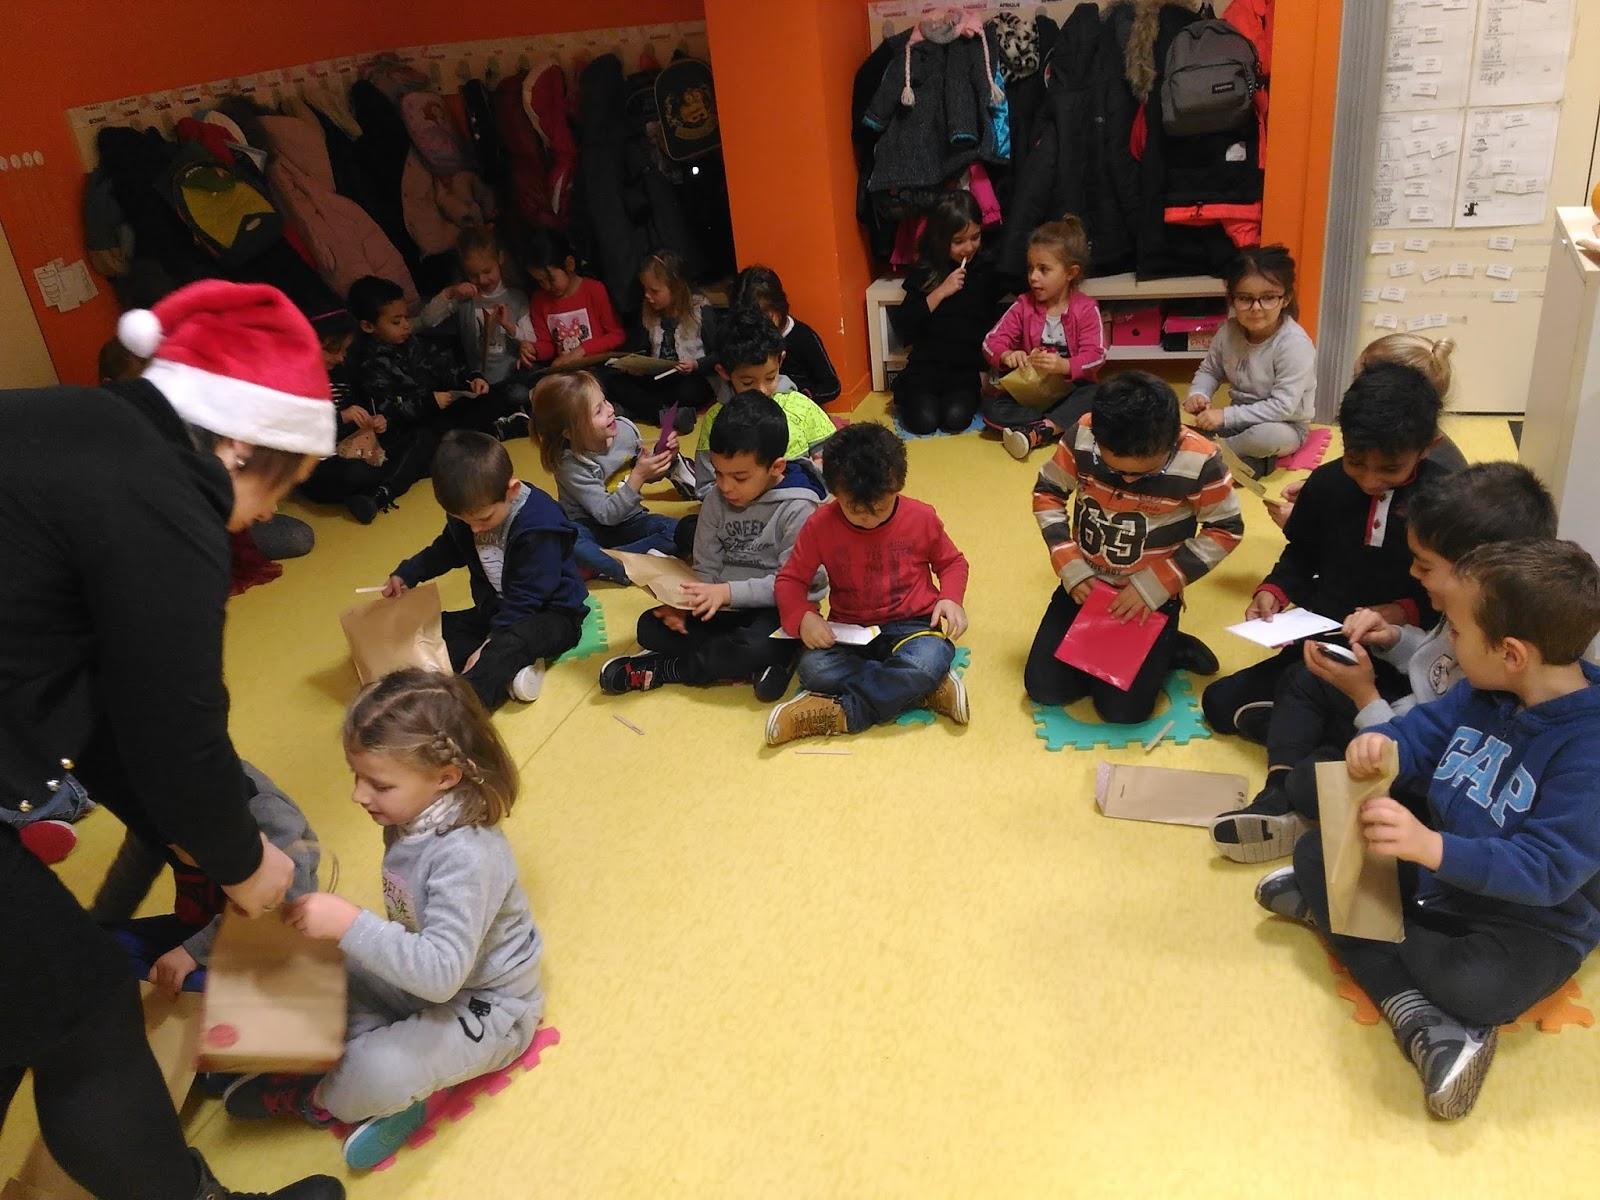 Cadeau De Noel Classe.Classe De Ms Gs école Saint Louis Echange Des Cadeaux De Noël